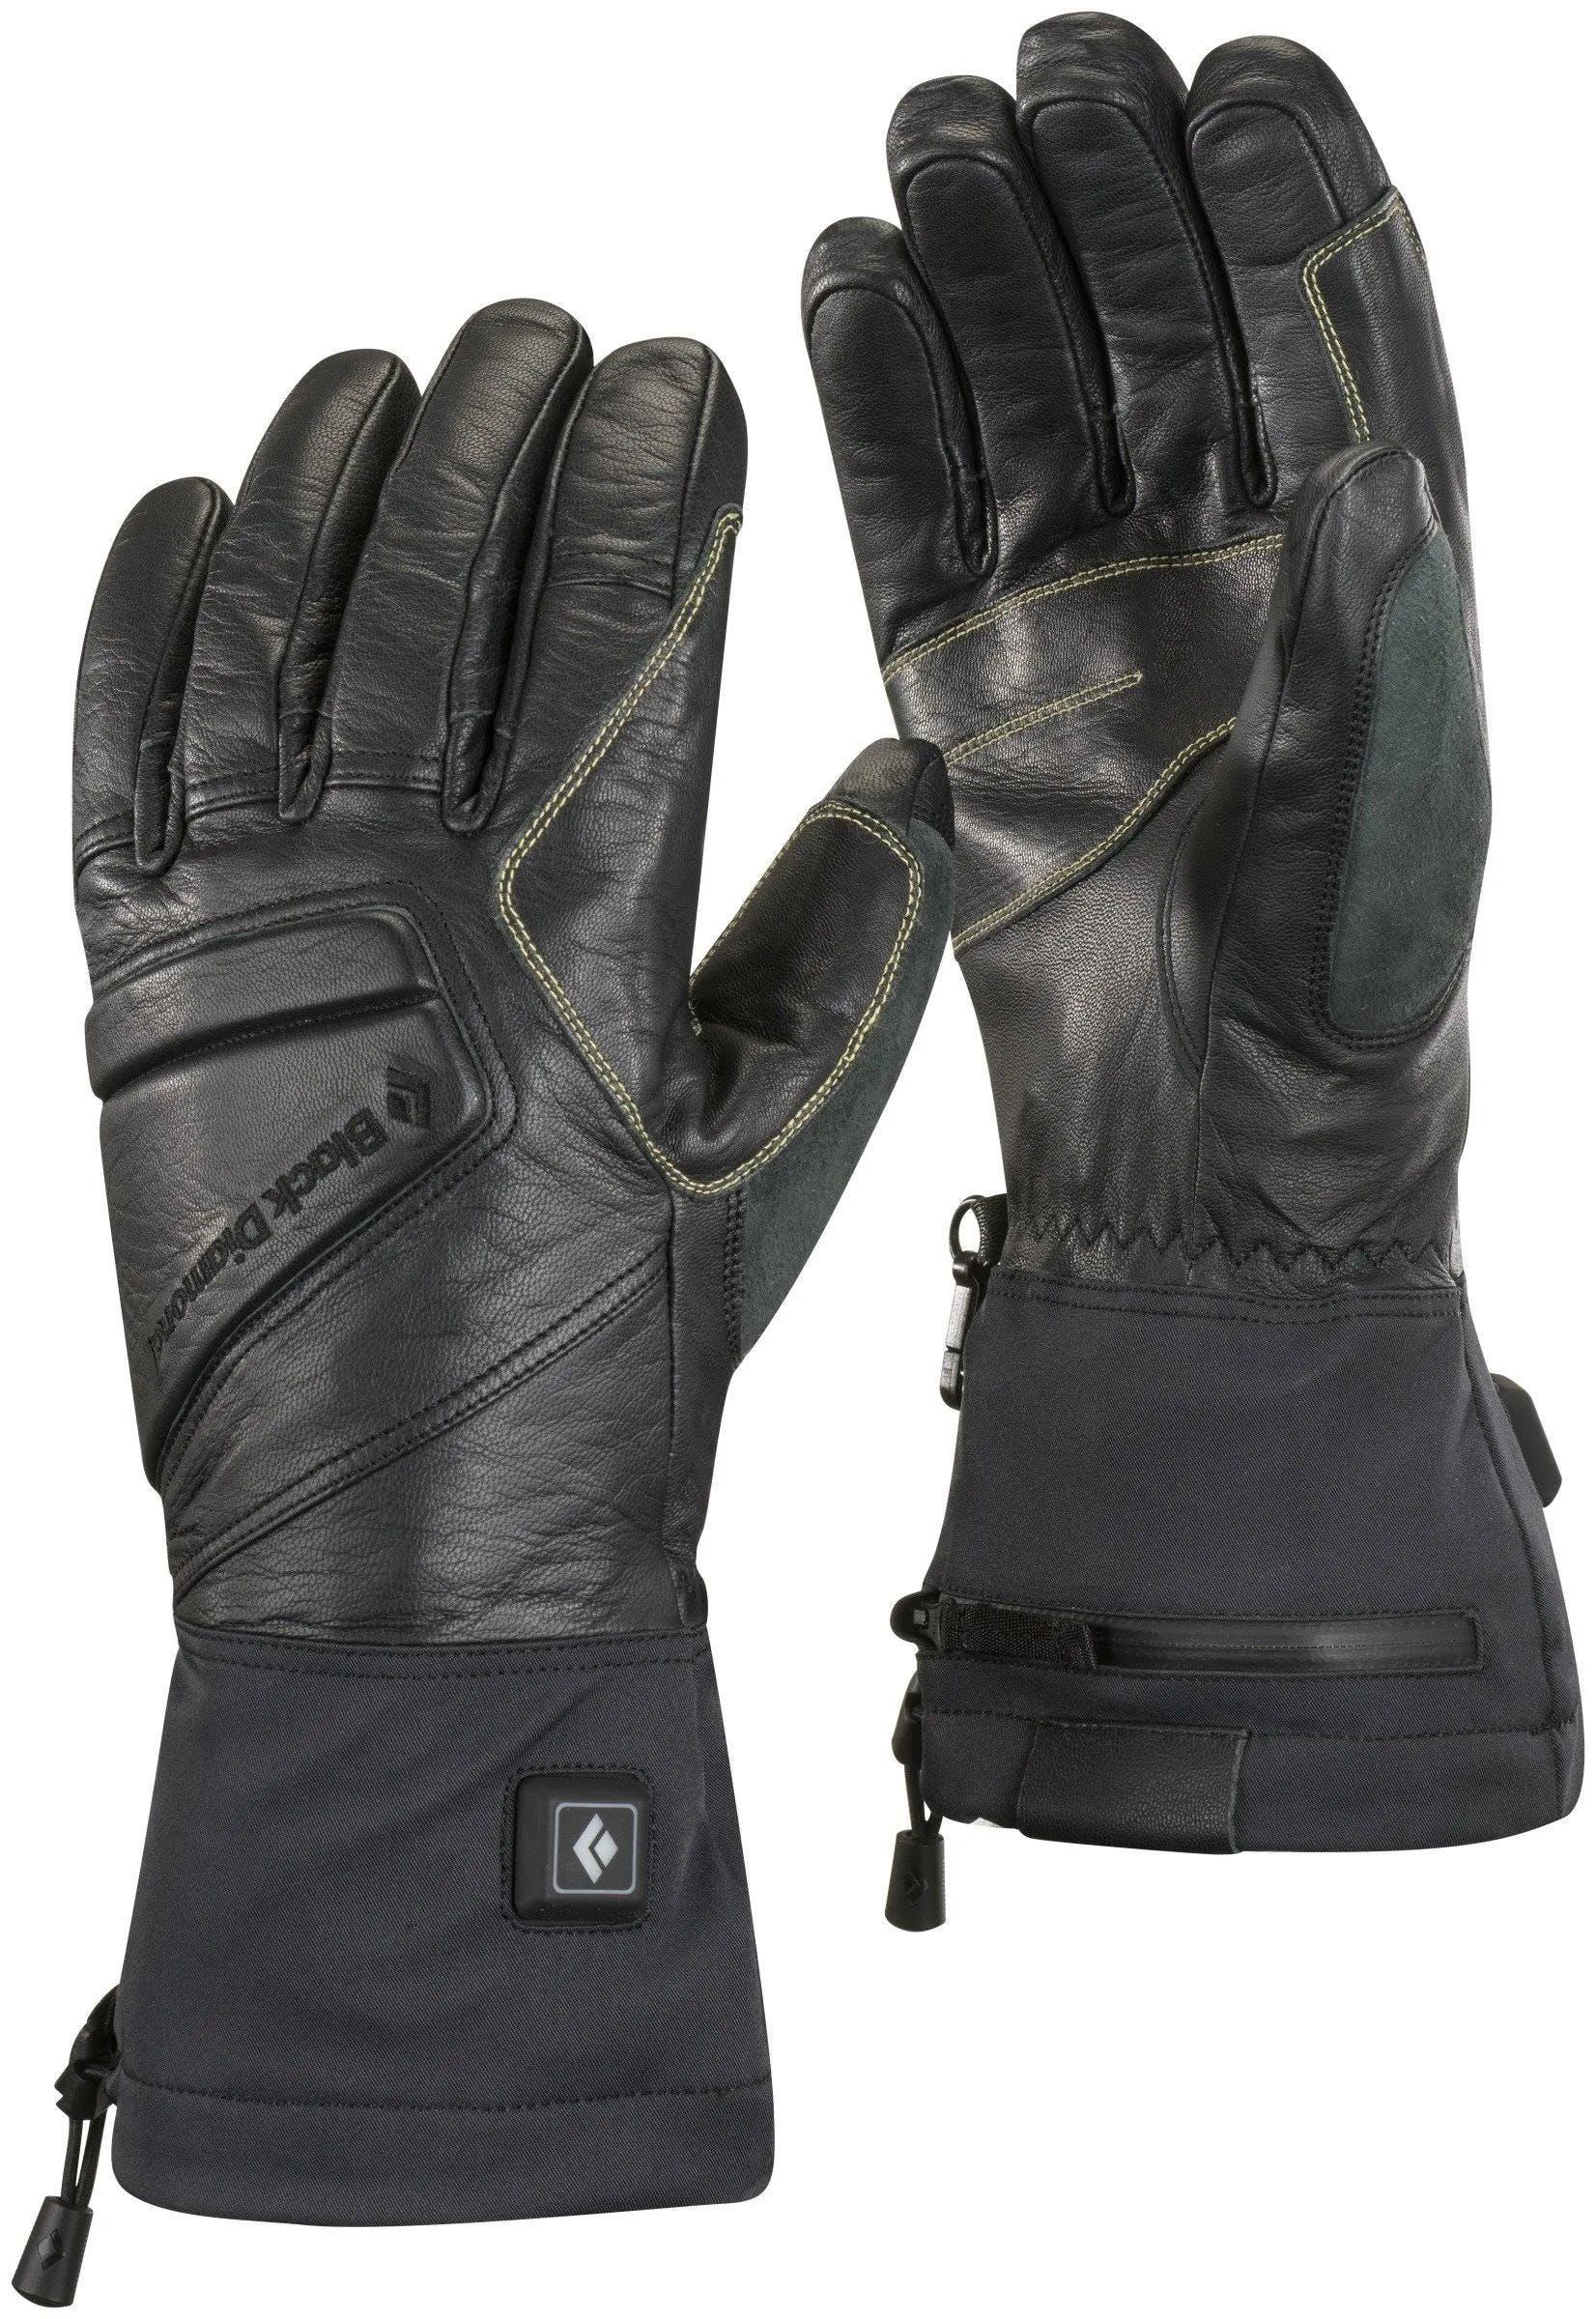 Black Diamond Solano Glove Small / Black